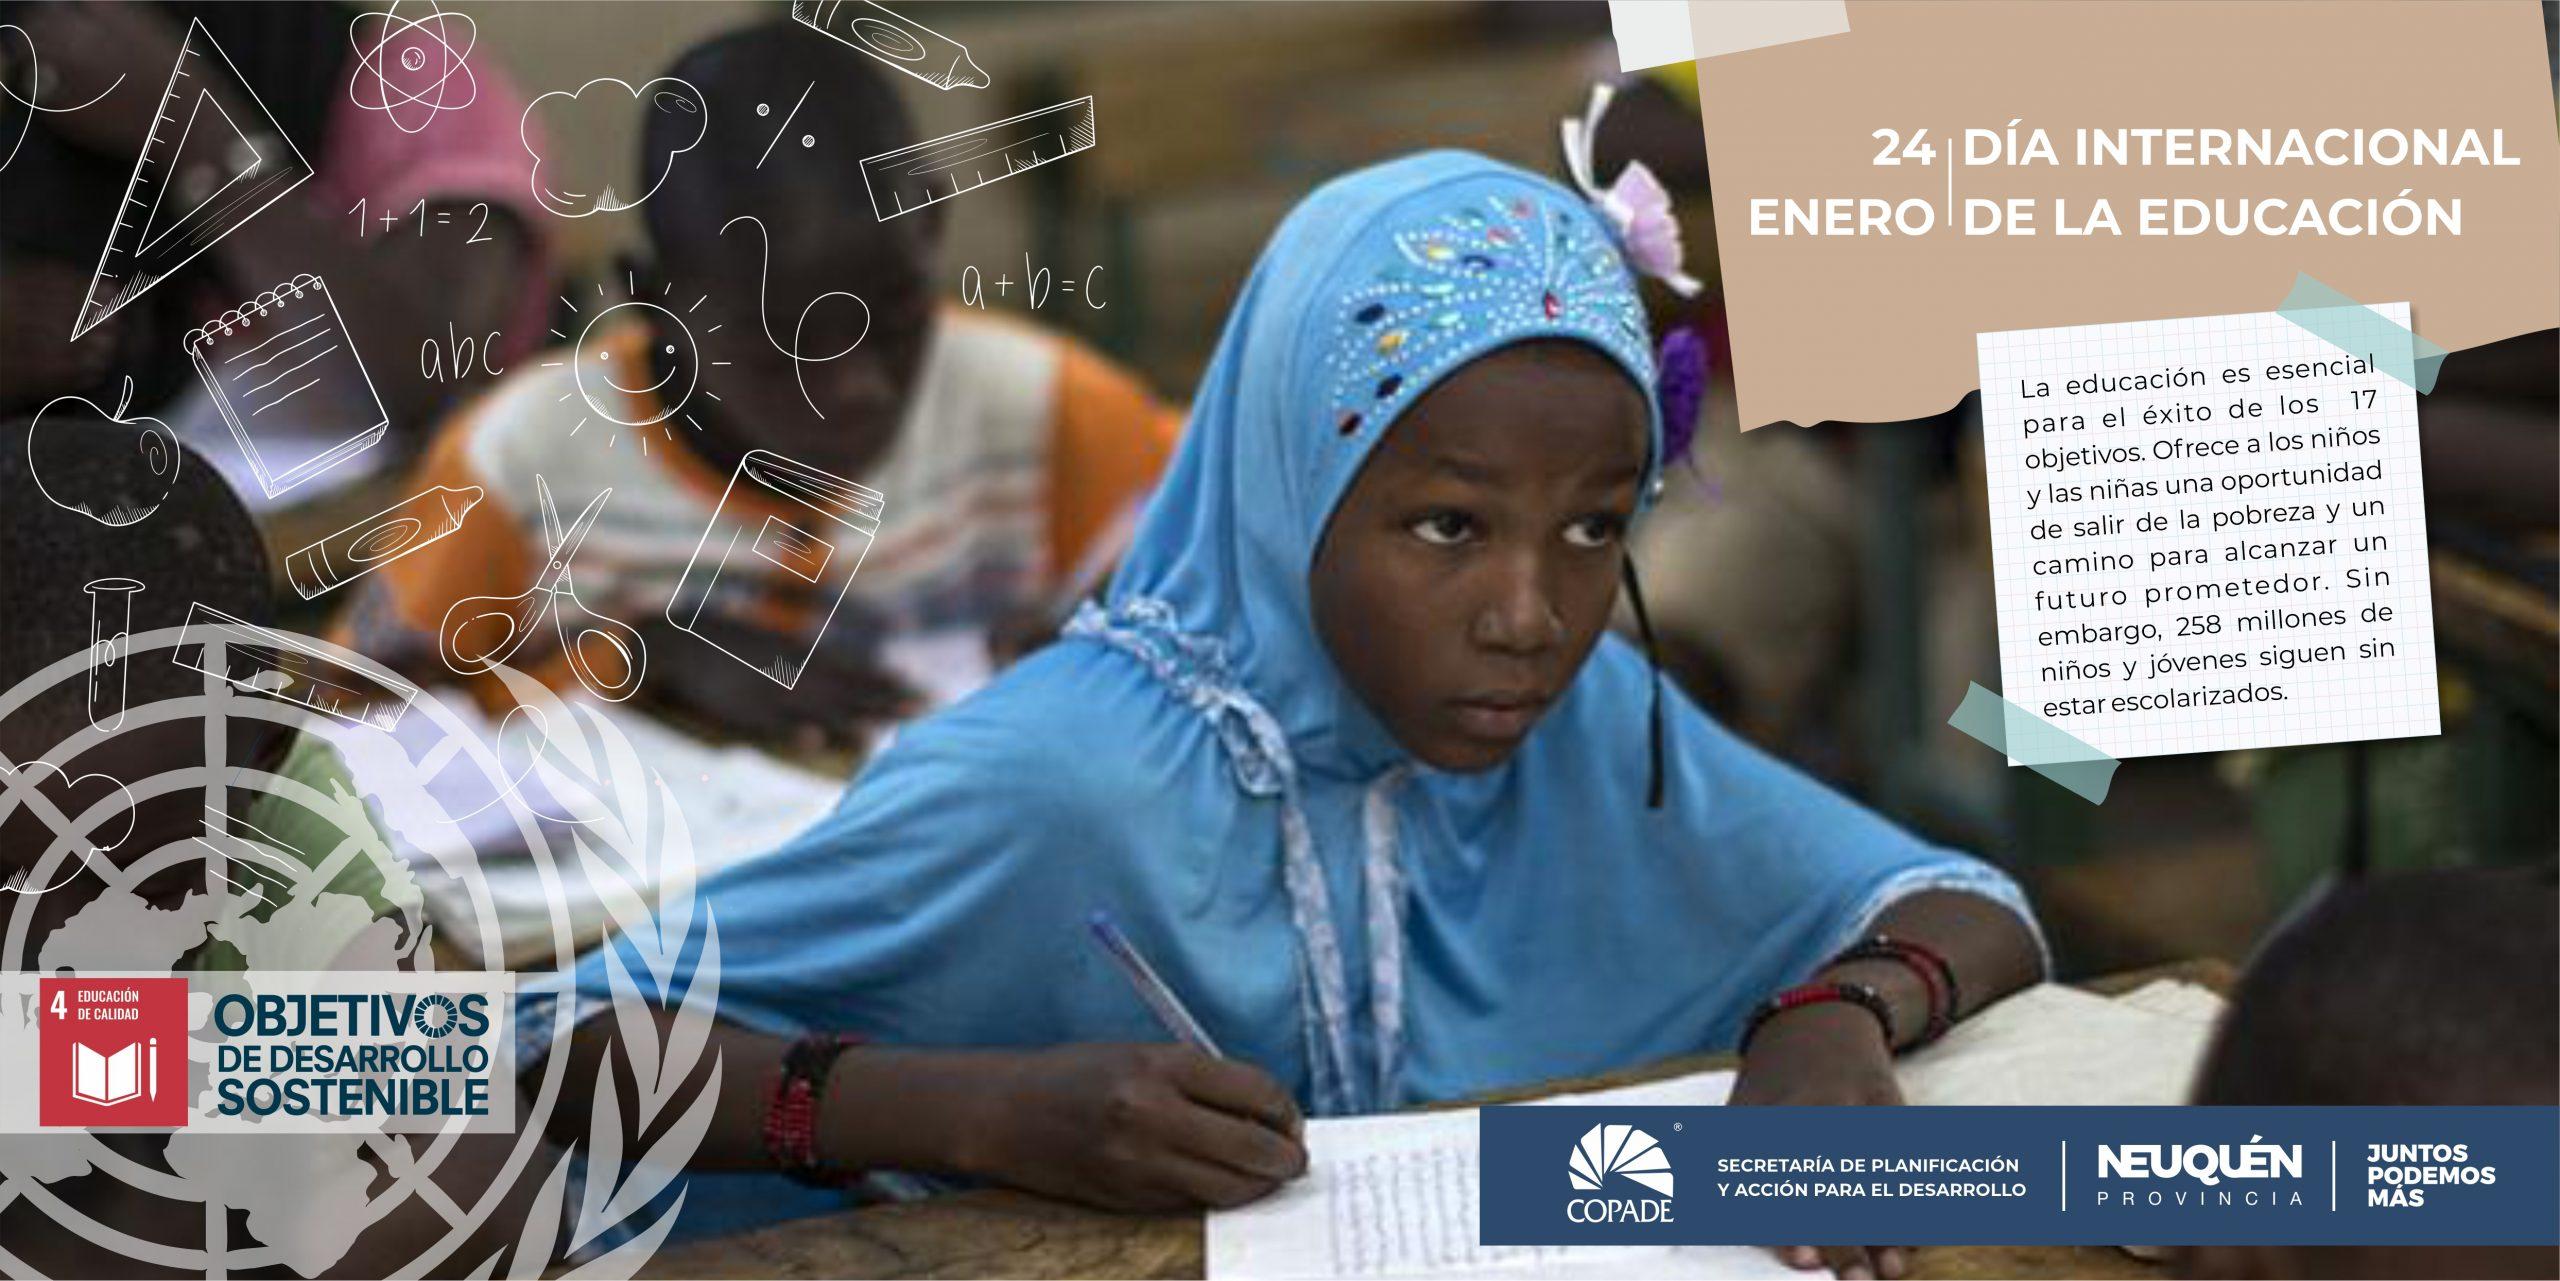 24 de Enero | Día internacional de la Educación | ONU